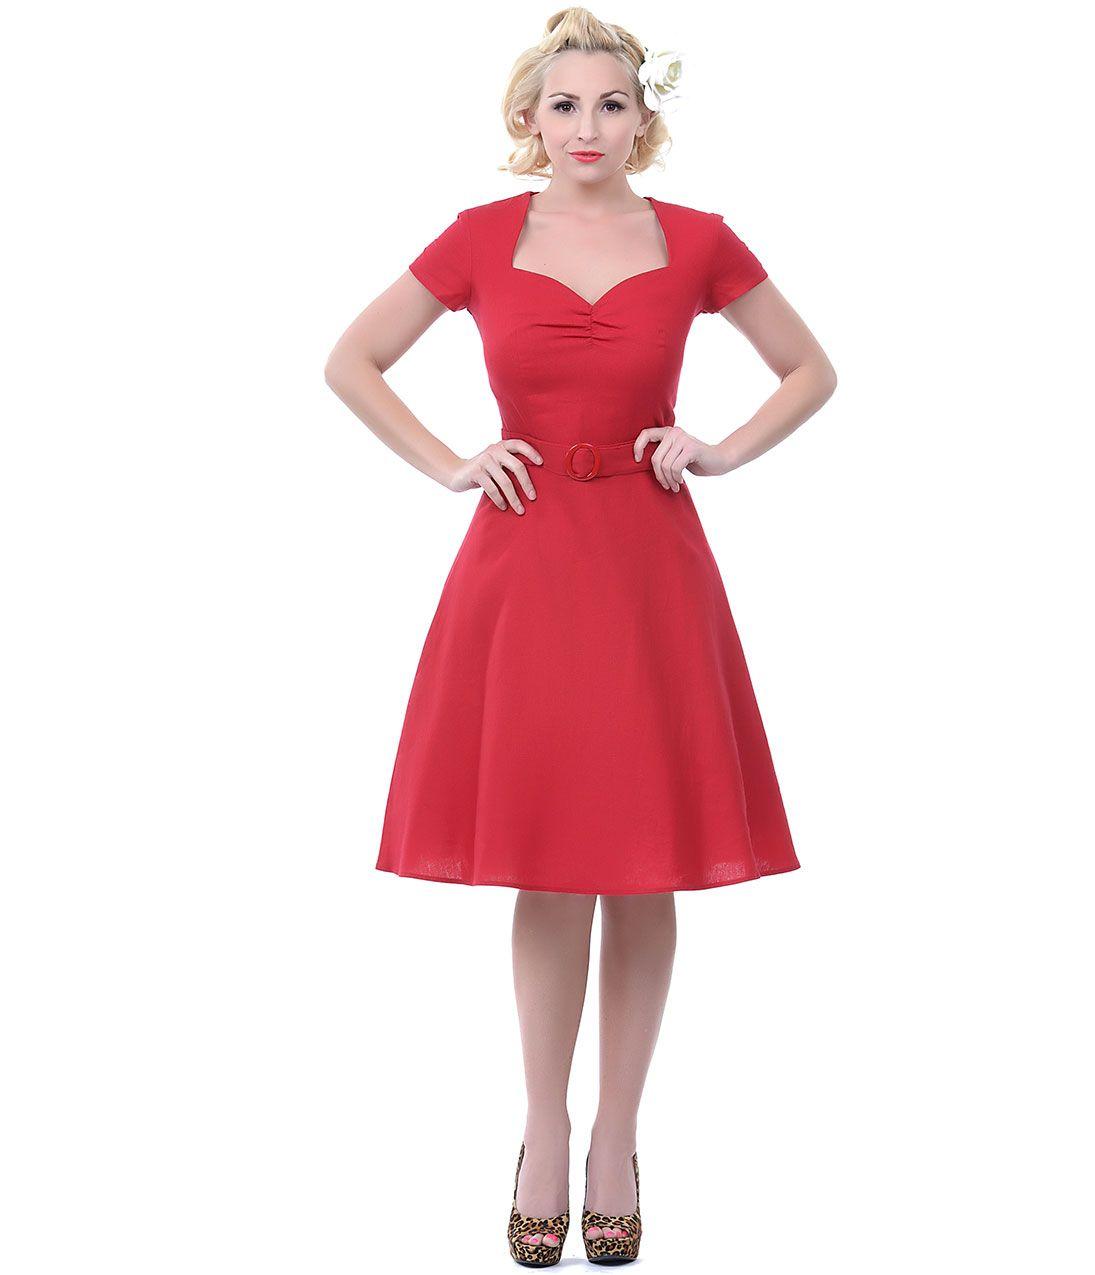 Tolle Hollywood Glamour Prom Kleider Bilder - Hochzeit Kleid Stile ...